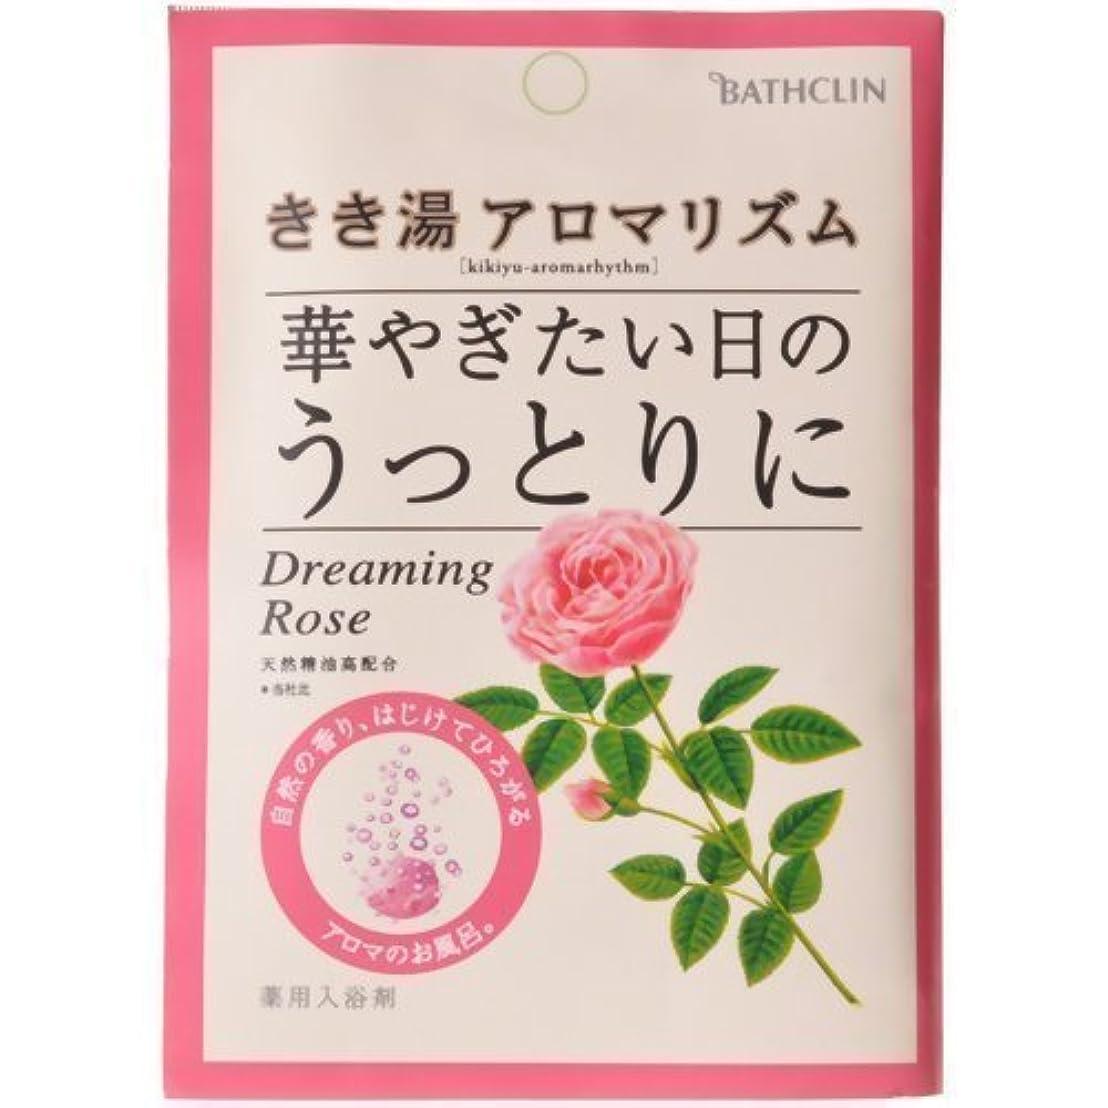 管理するくるみ濃度きき湯 アロマリズム ドリーミングローズの香り 30g